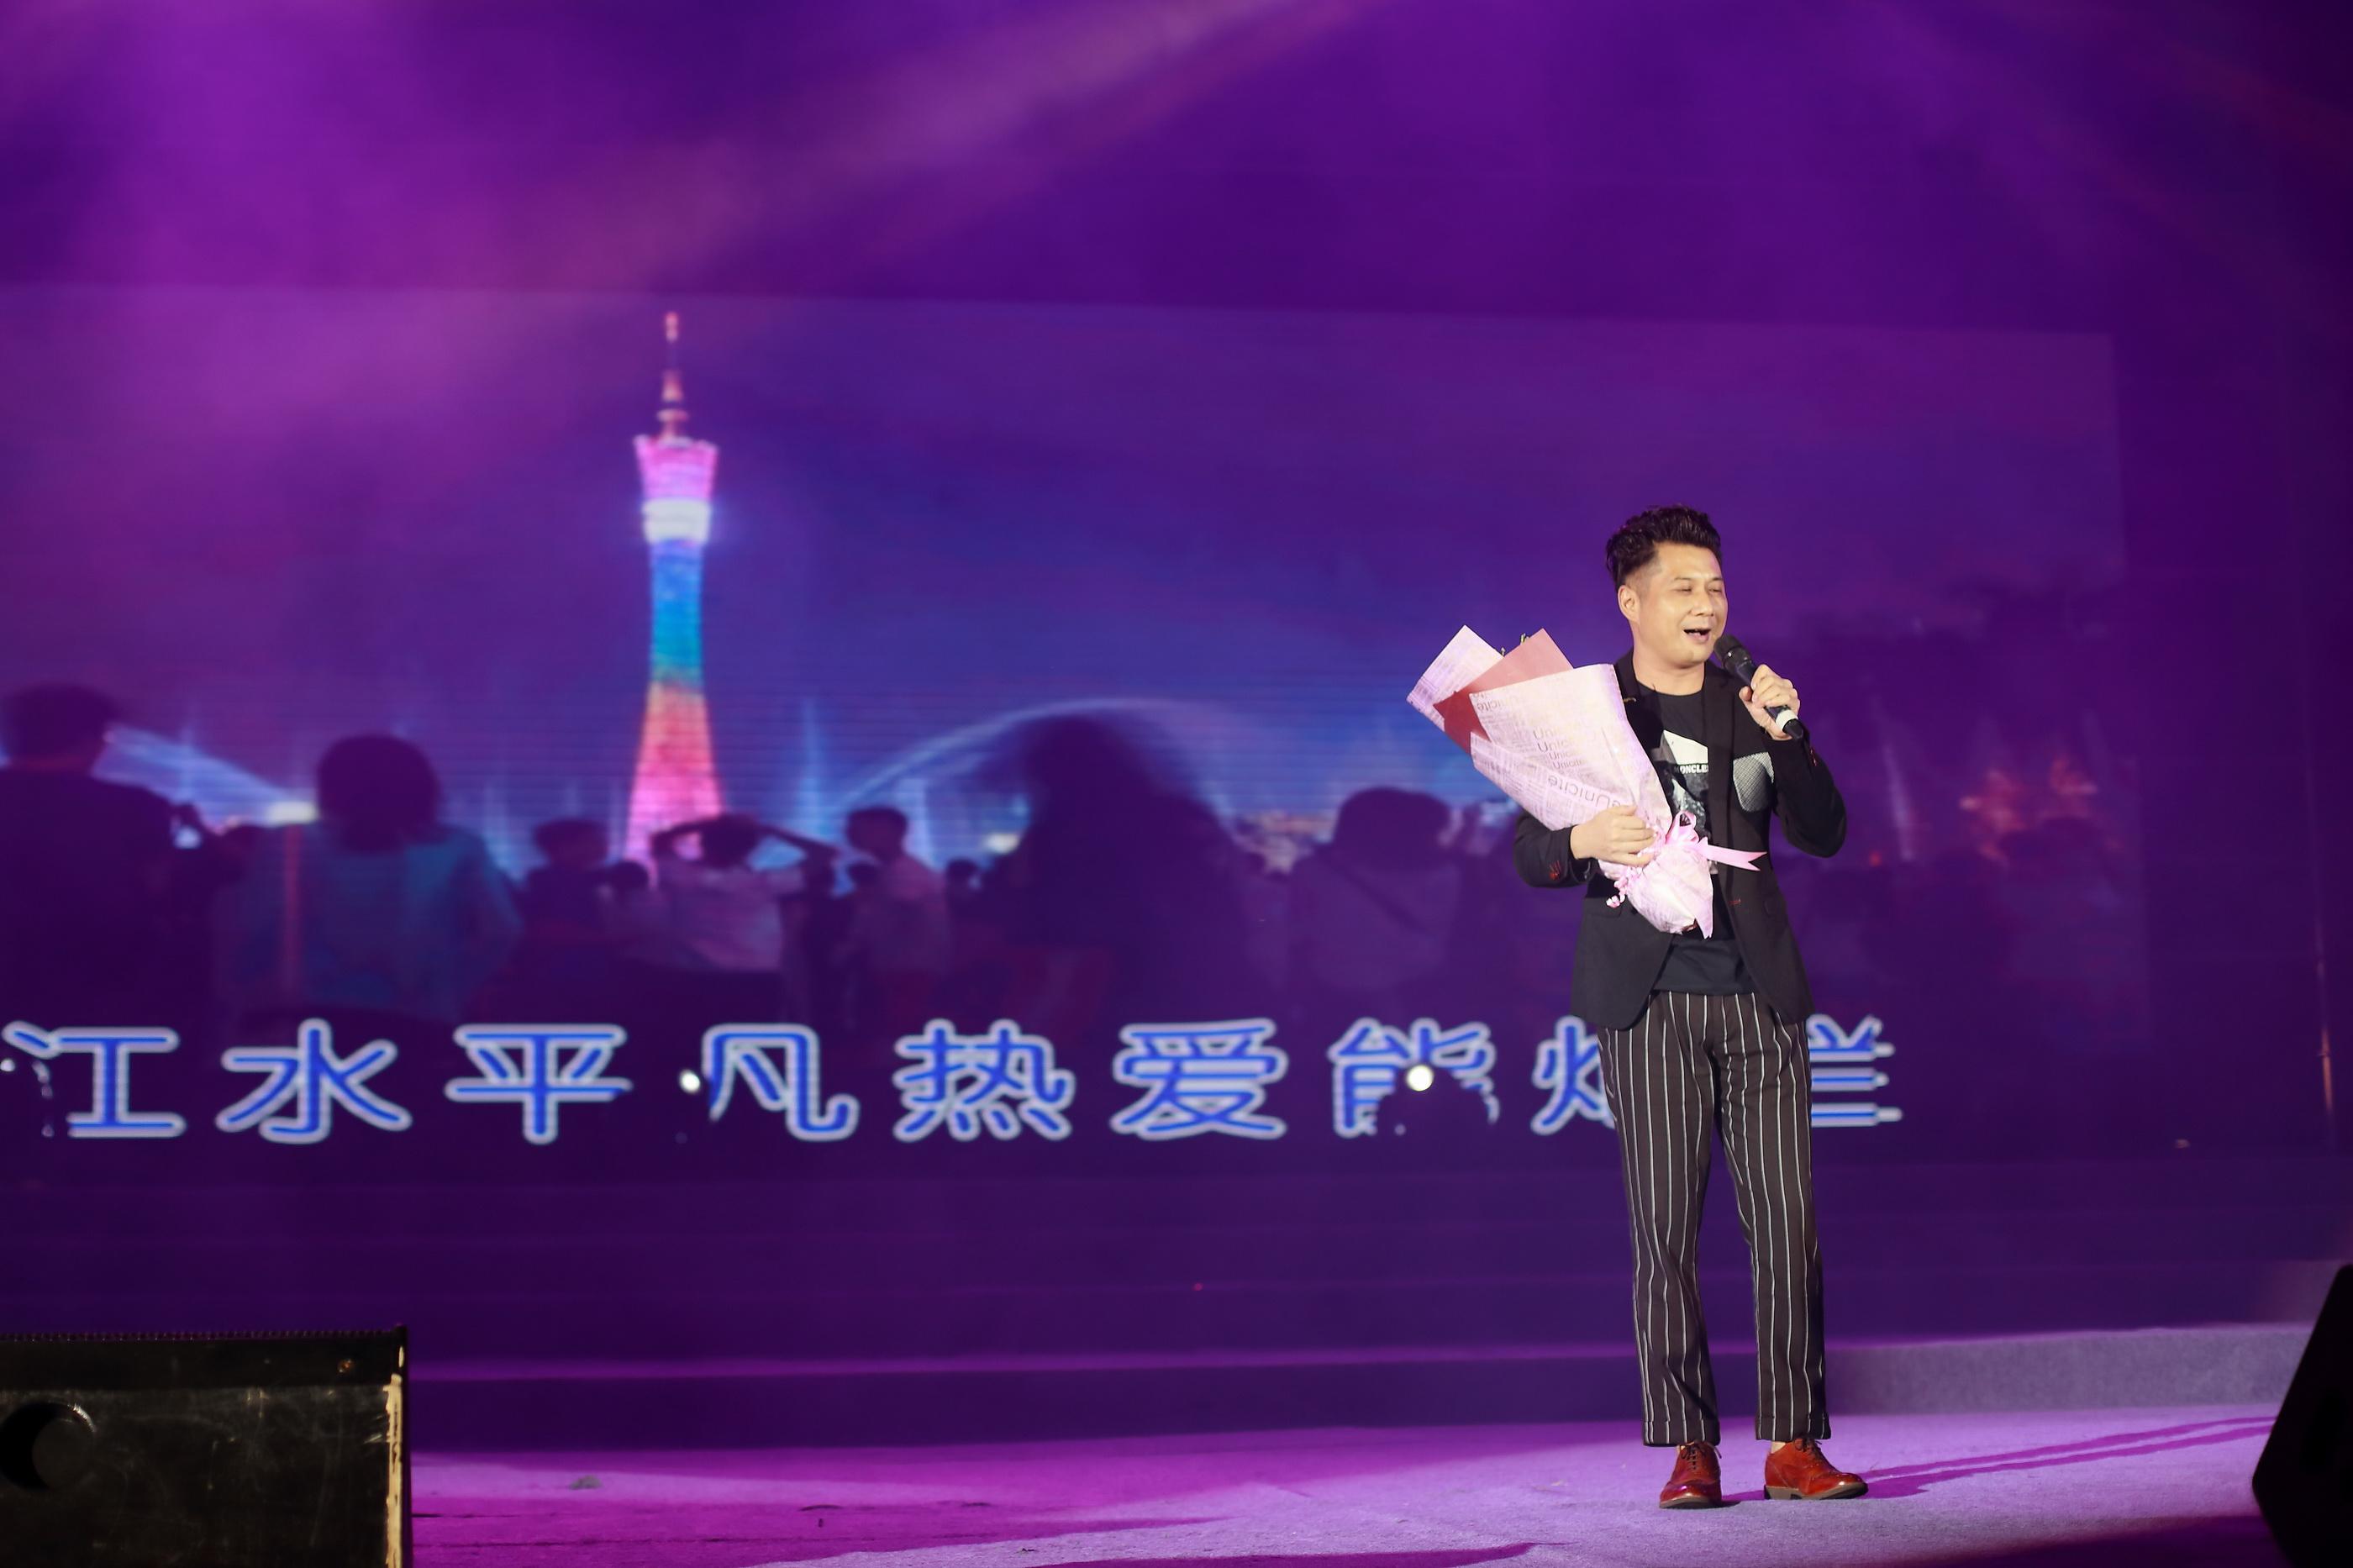 著名唱作人陈辉权演唱:《绿色珠江》、《伴你同行》.JPG